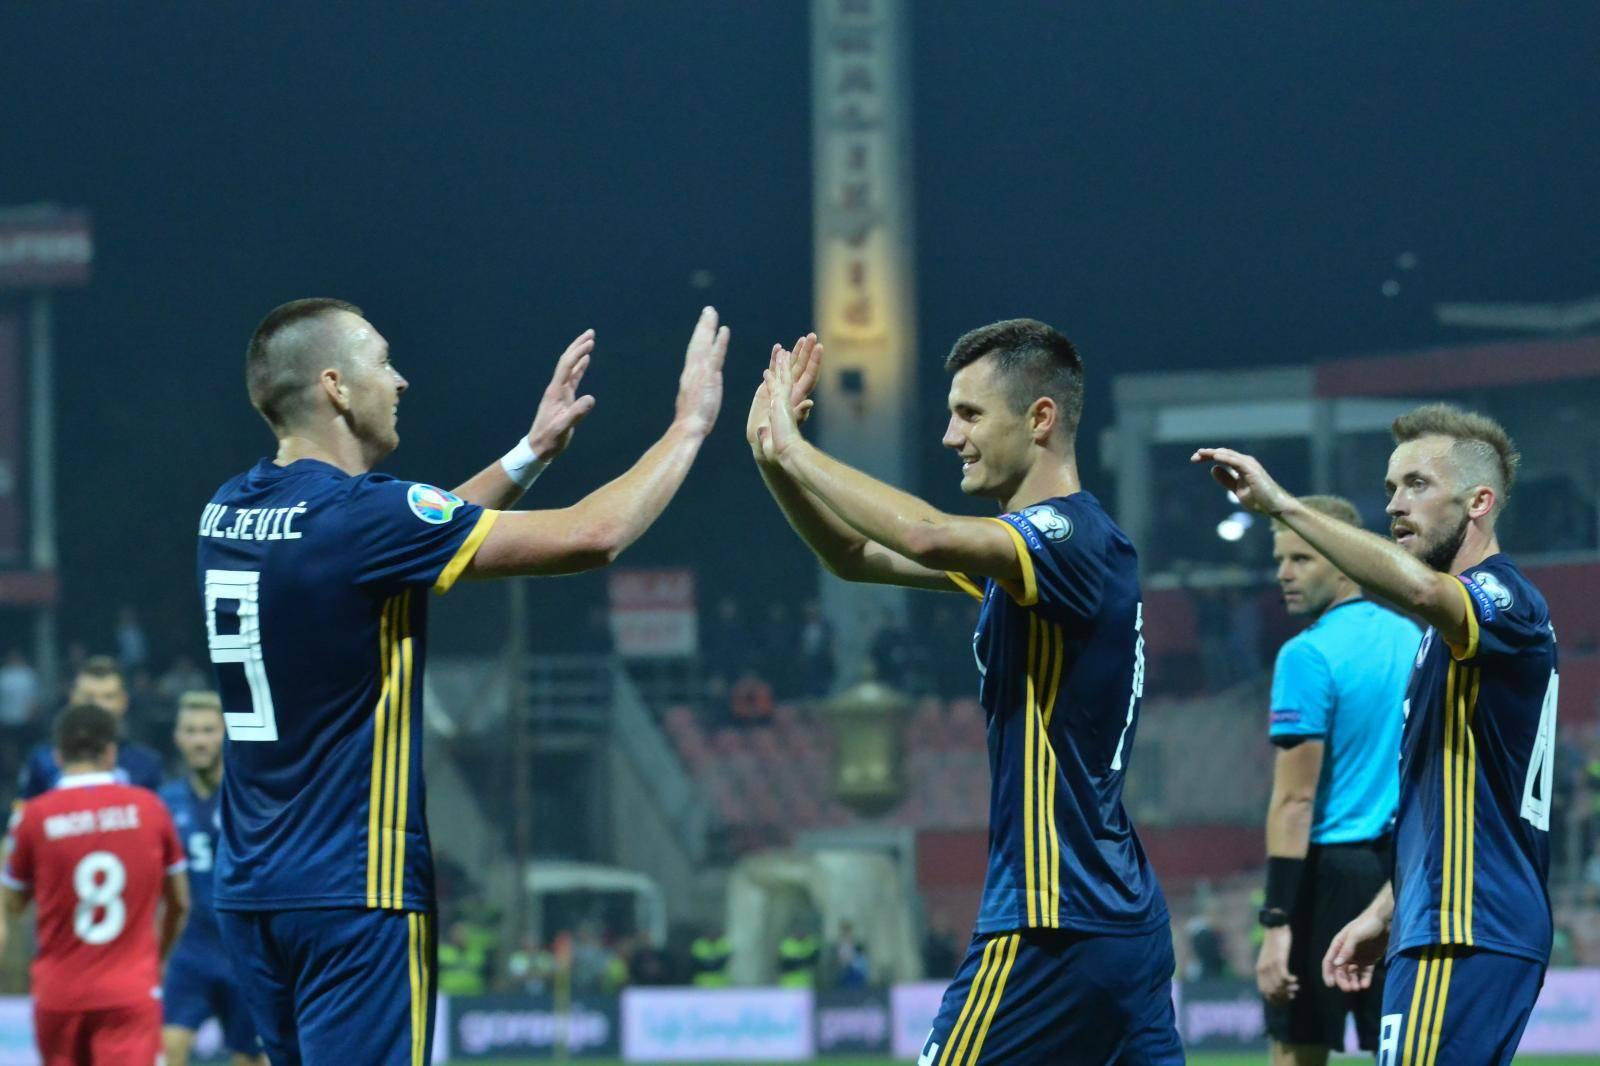 Zenica: Kvalifikacije za Europsko prvenstvo, Bosna i Hercegovina - Lihtenštajn